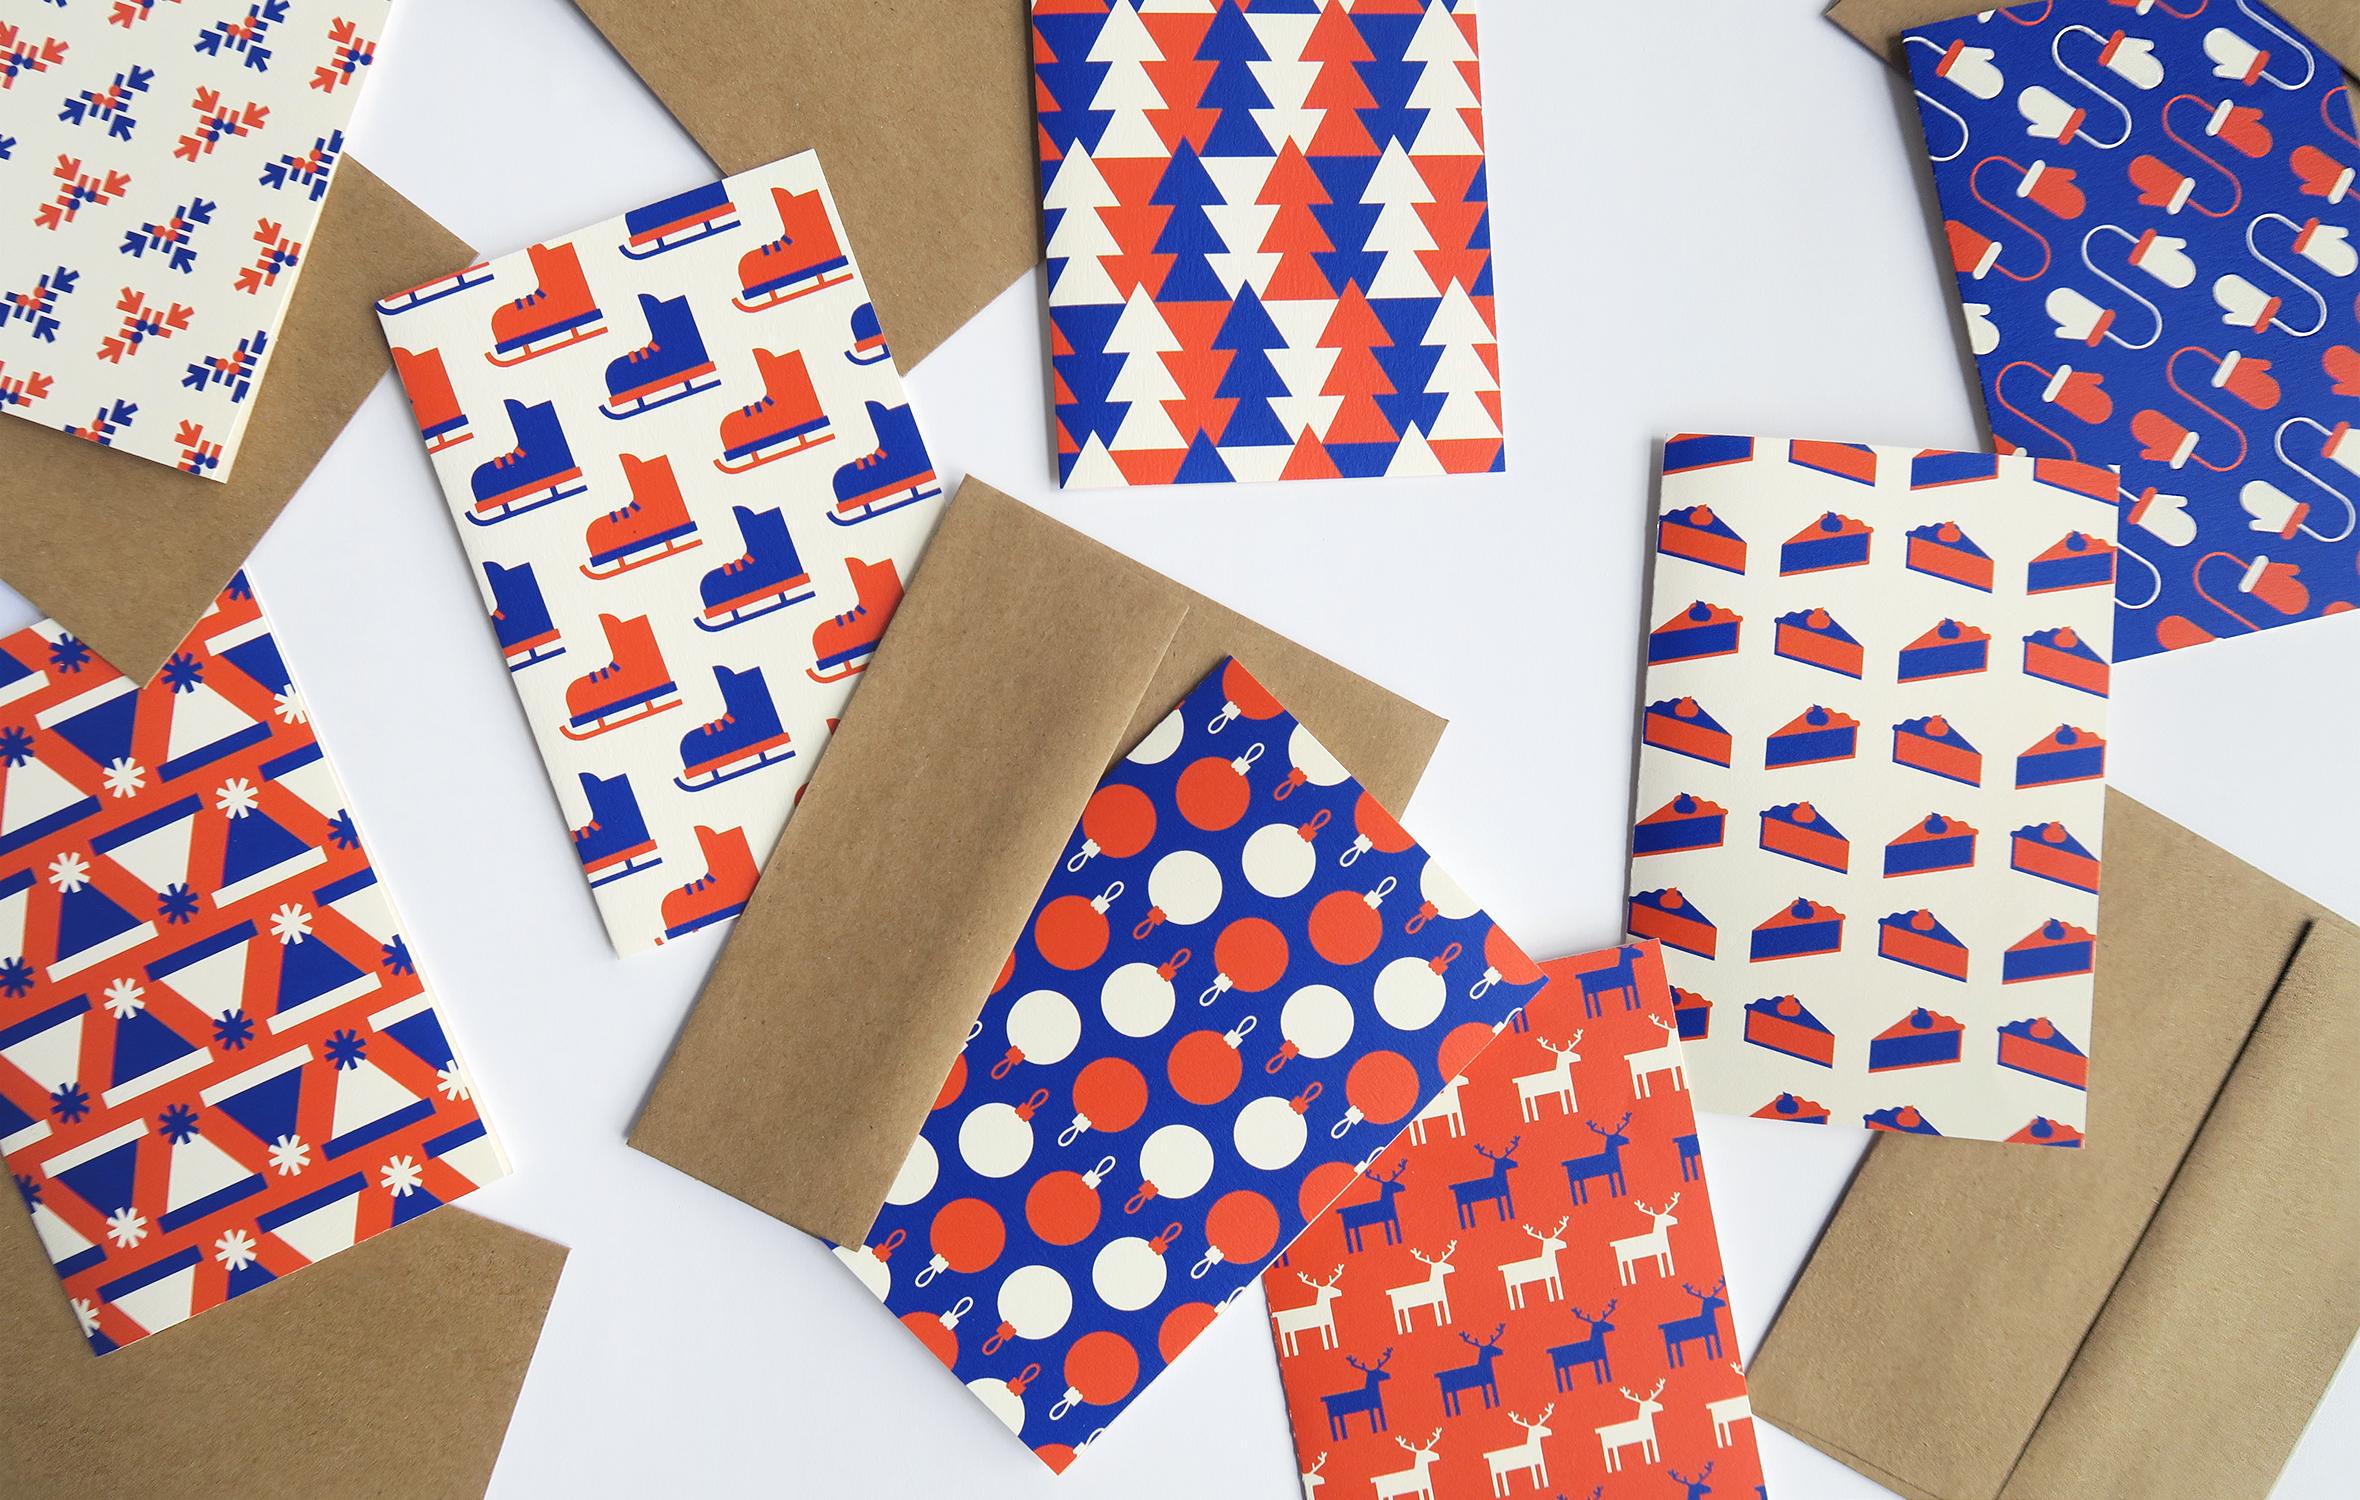 Autopromotion de Bivouac Studio - Cartes de Noël vierge pour cadeau clients